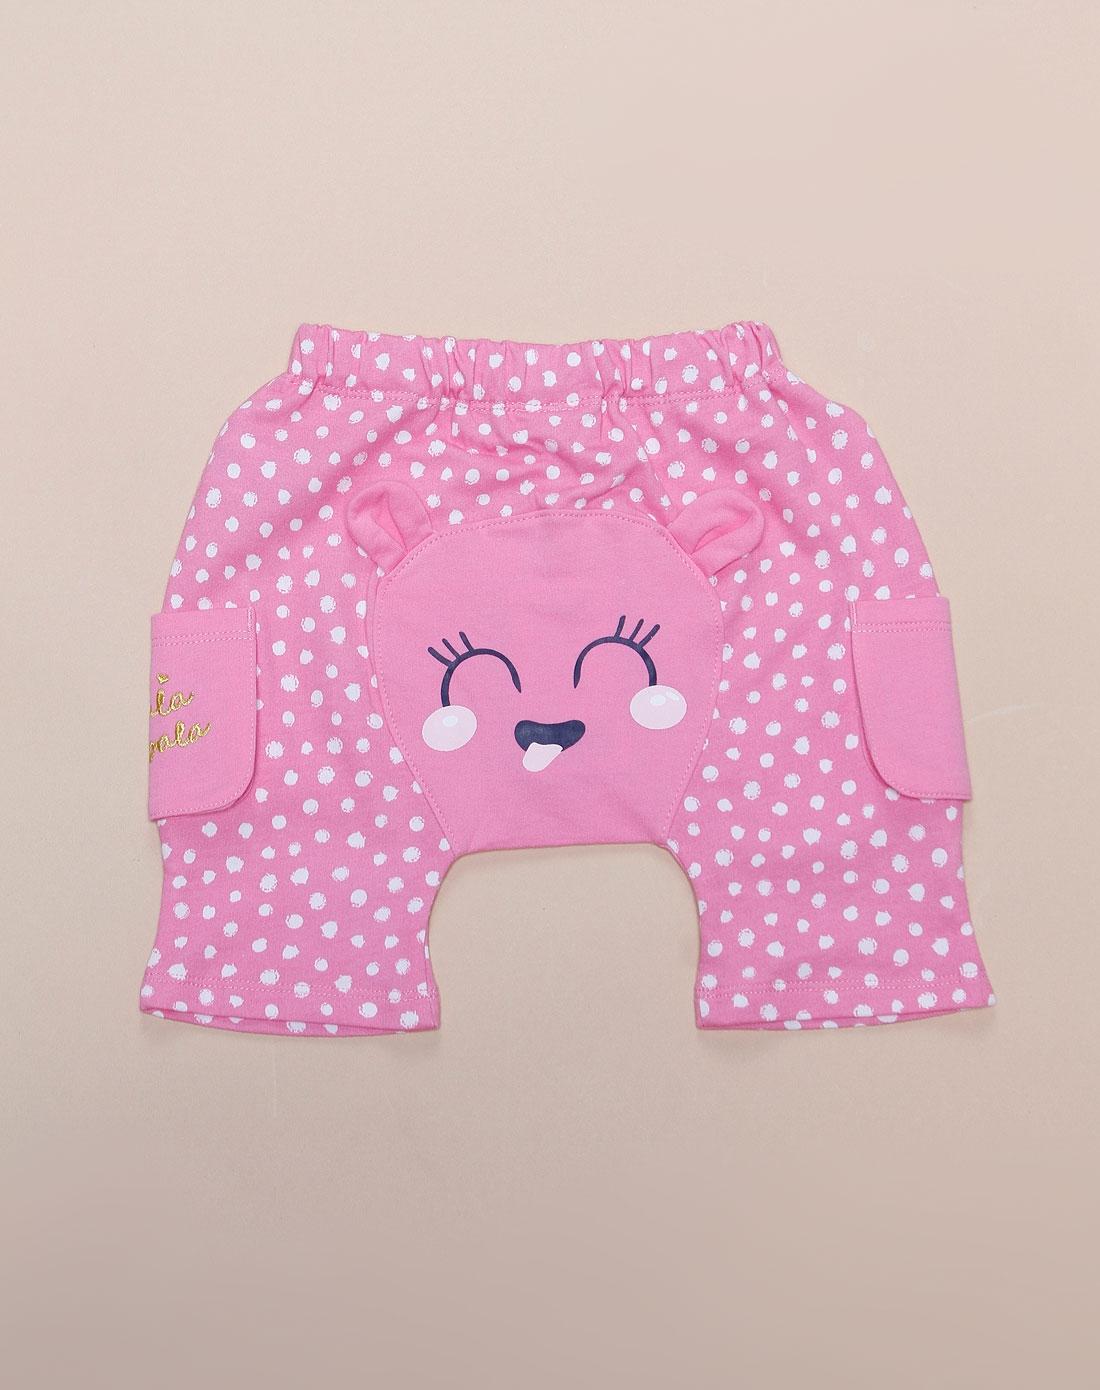 可爱卡通粉红色短裤